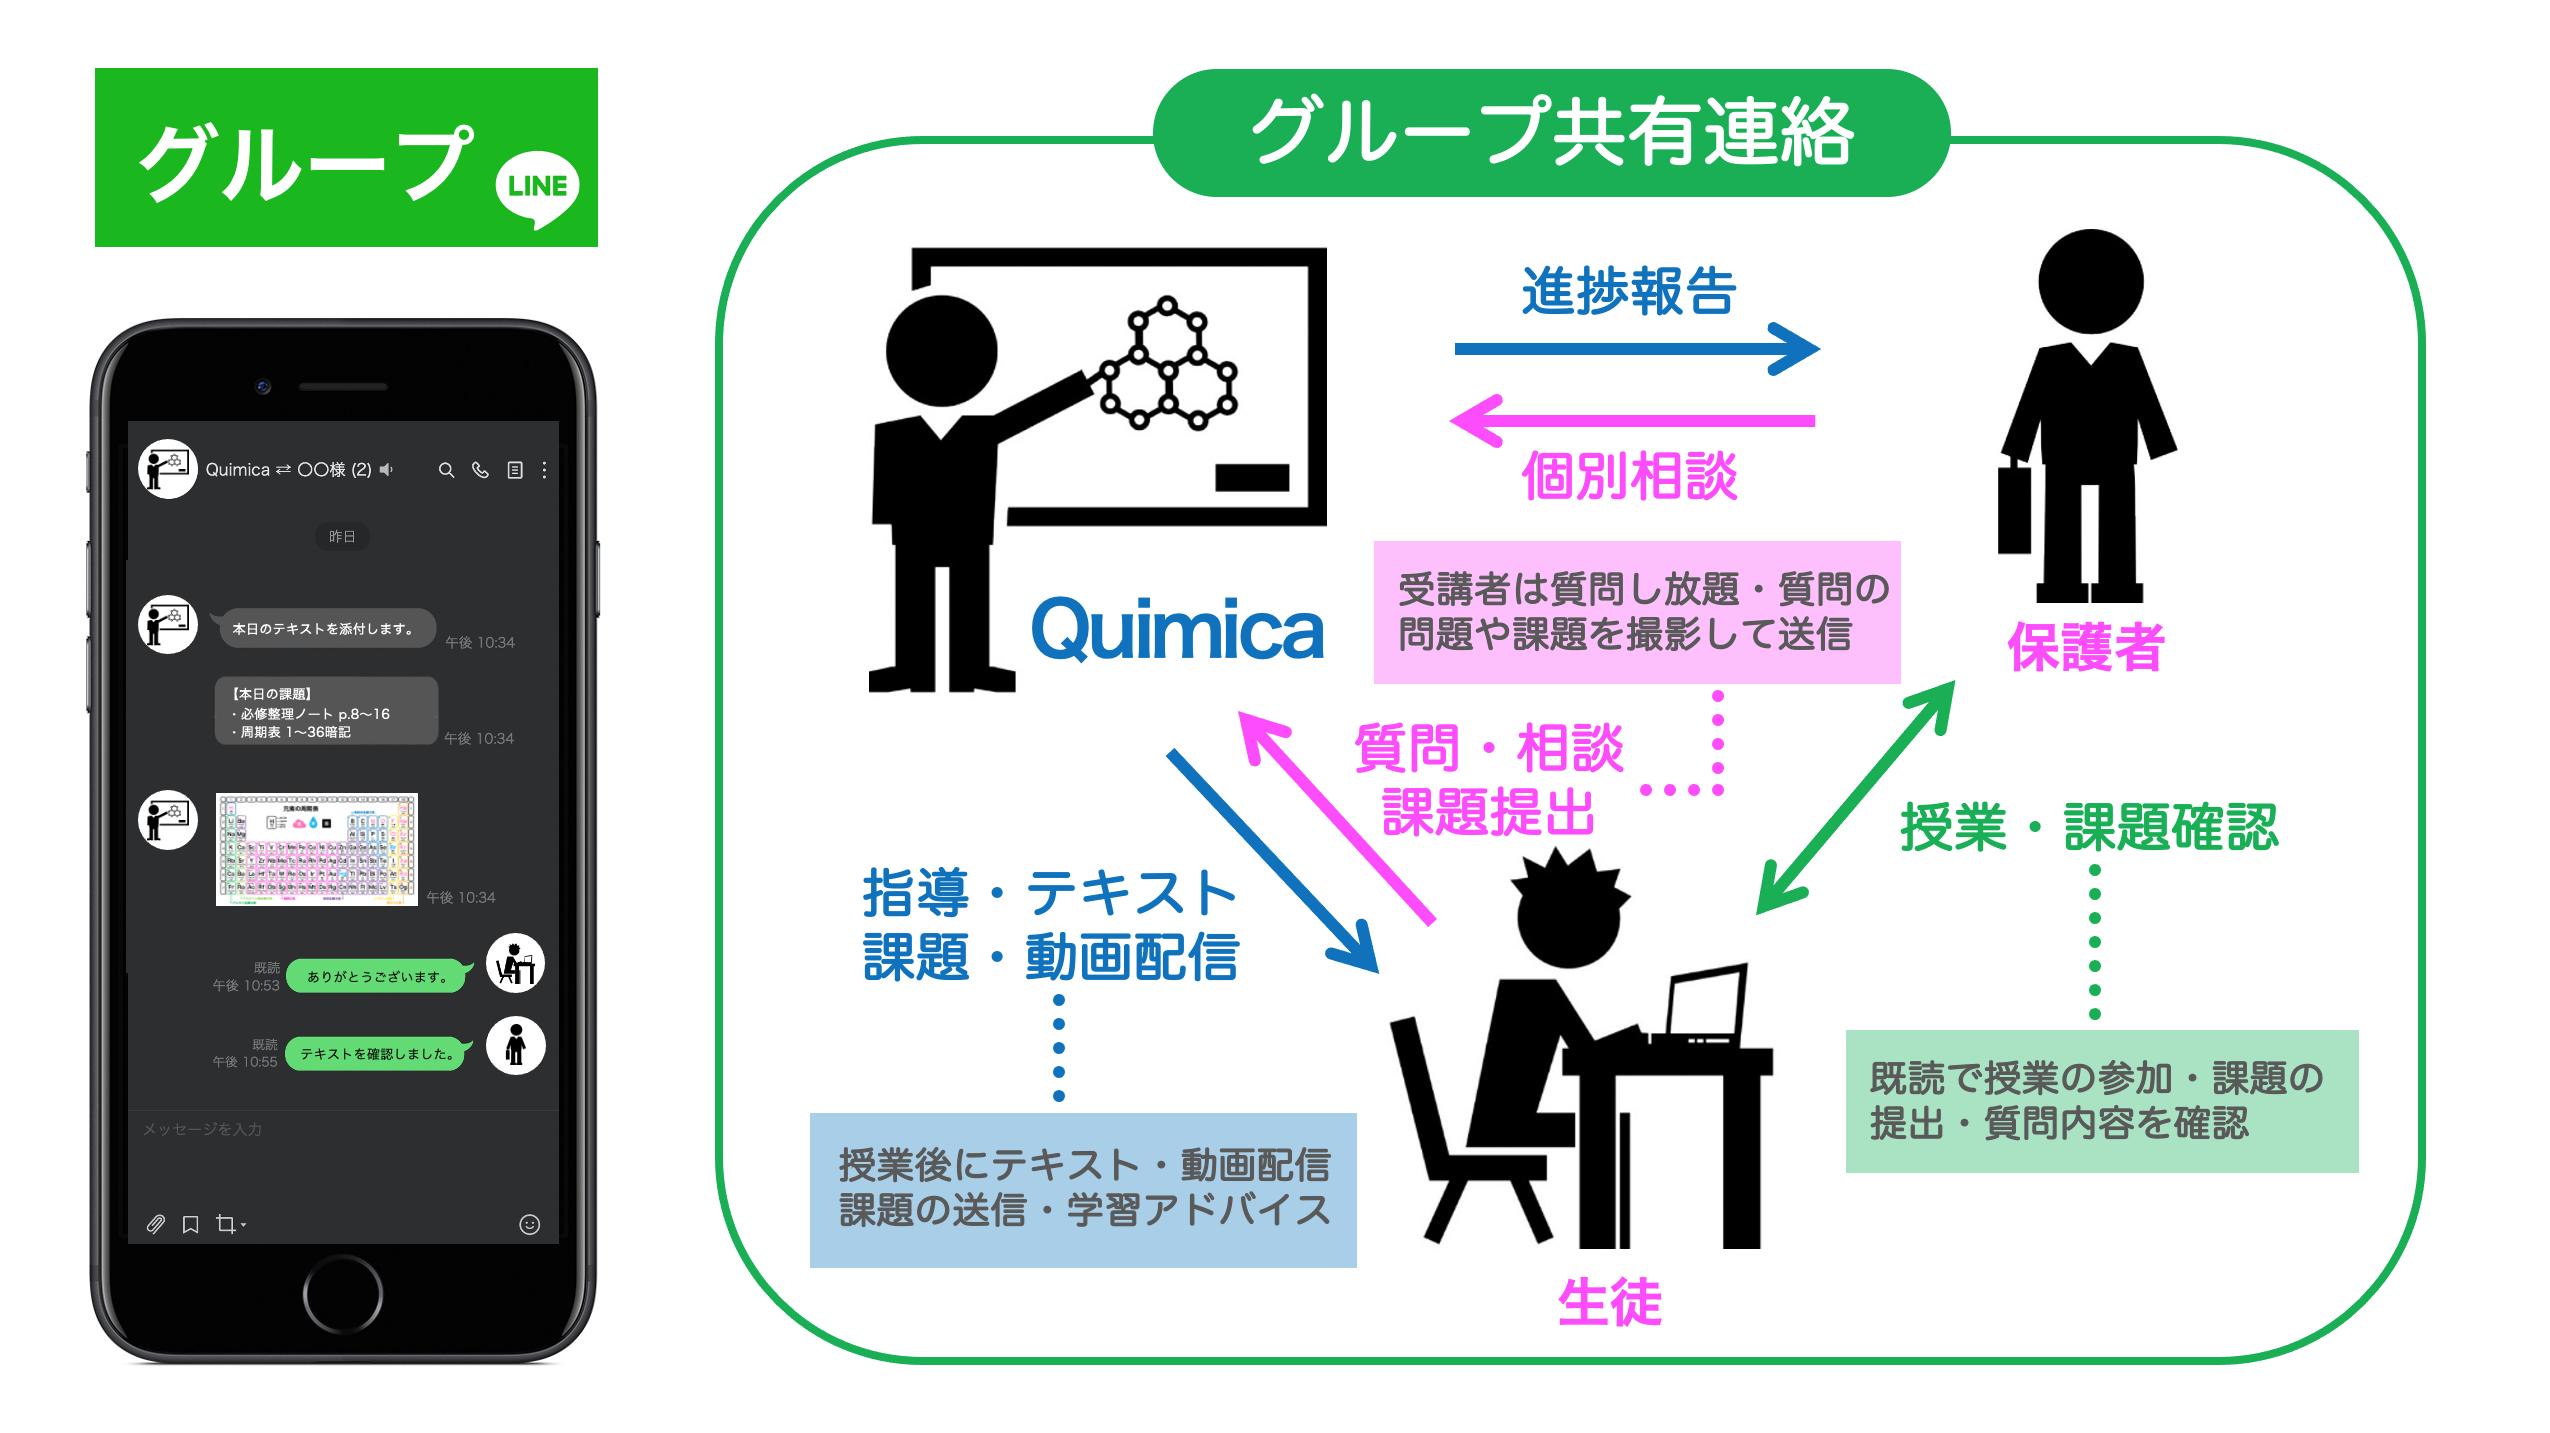 【Quimica】グループLINE